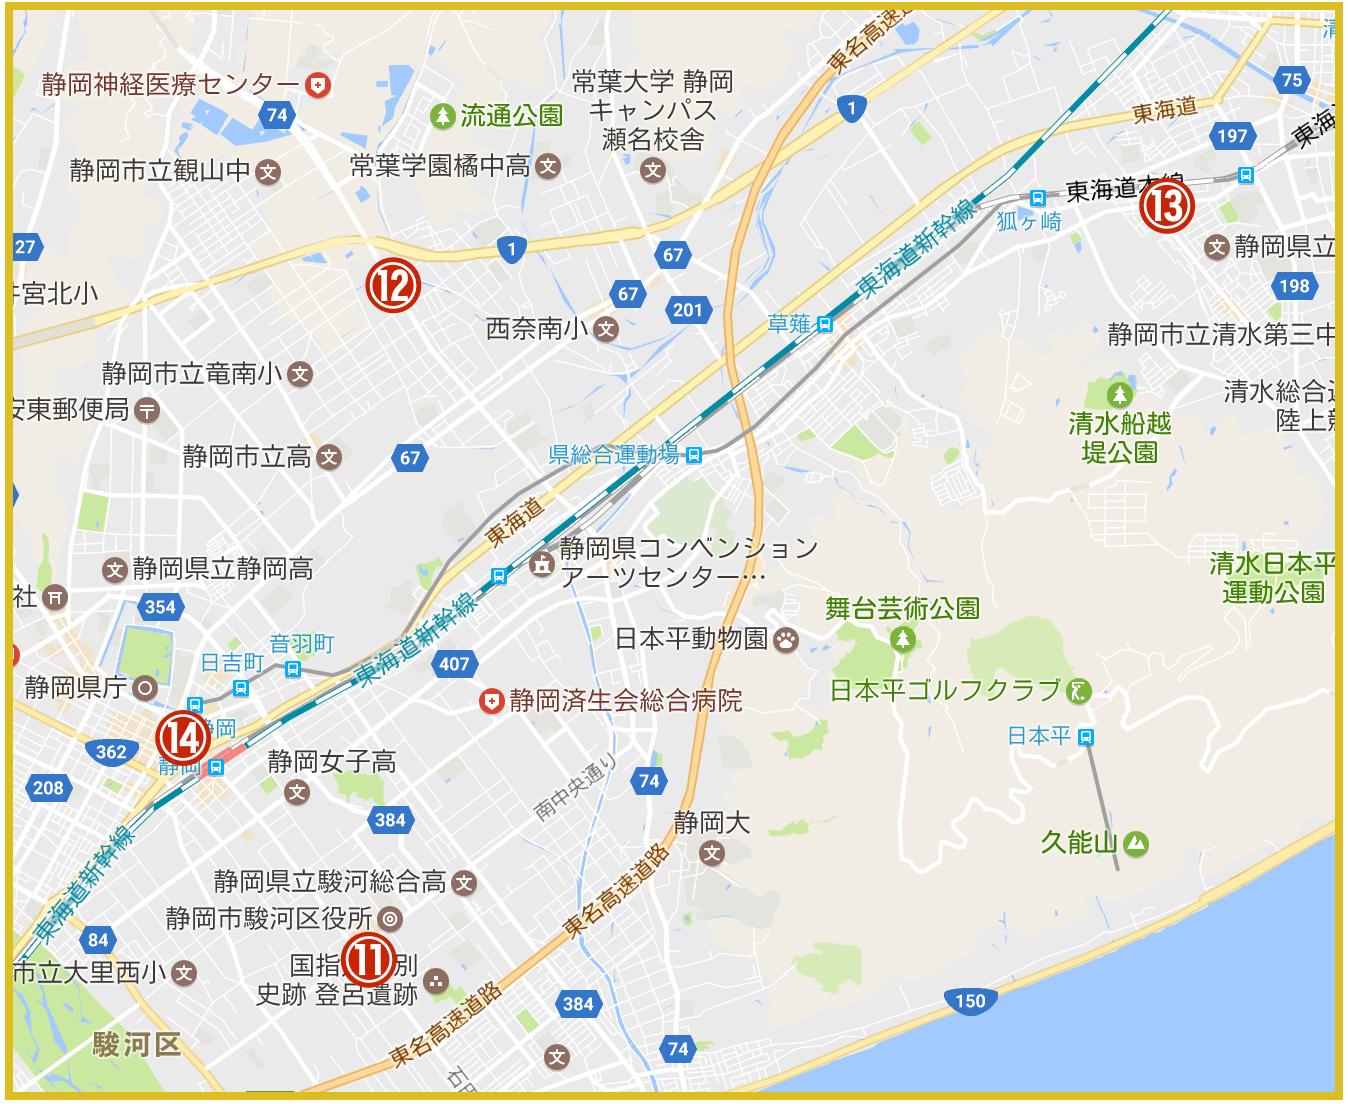 静岡県静岡市にあるアコム店舗・ATMの位置(2021年版)